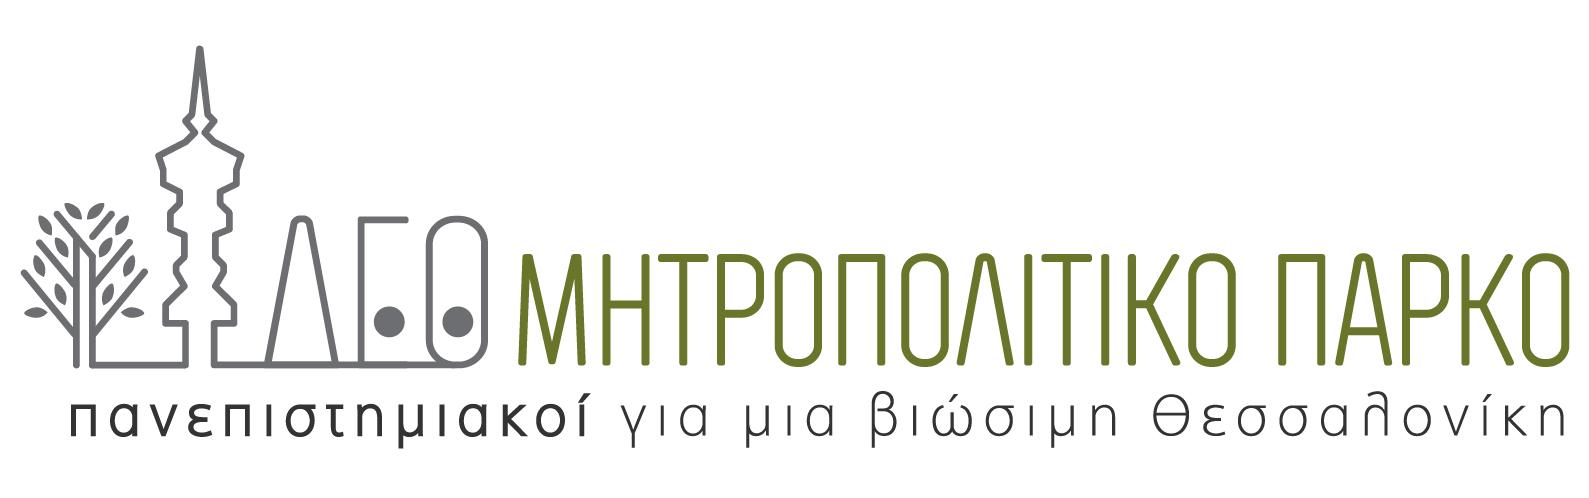 ΔΕΘ Μητροπολιτικό Πάρκο - Πανεπιστημιακοί για μία βιώσιμη Θεσσαλονίκη